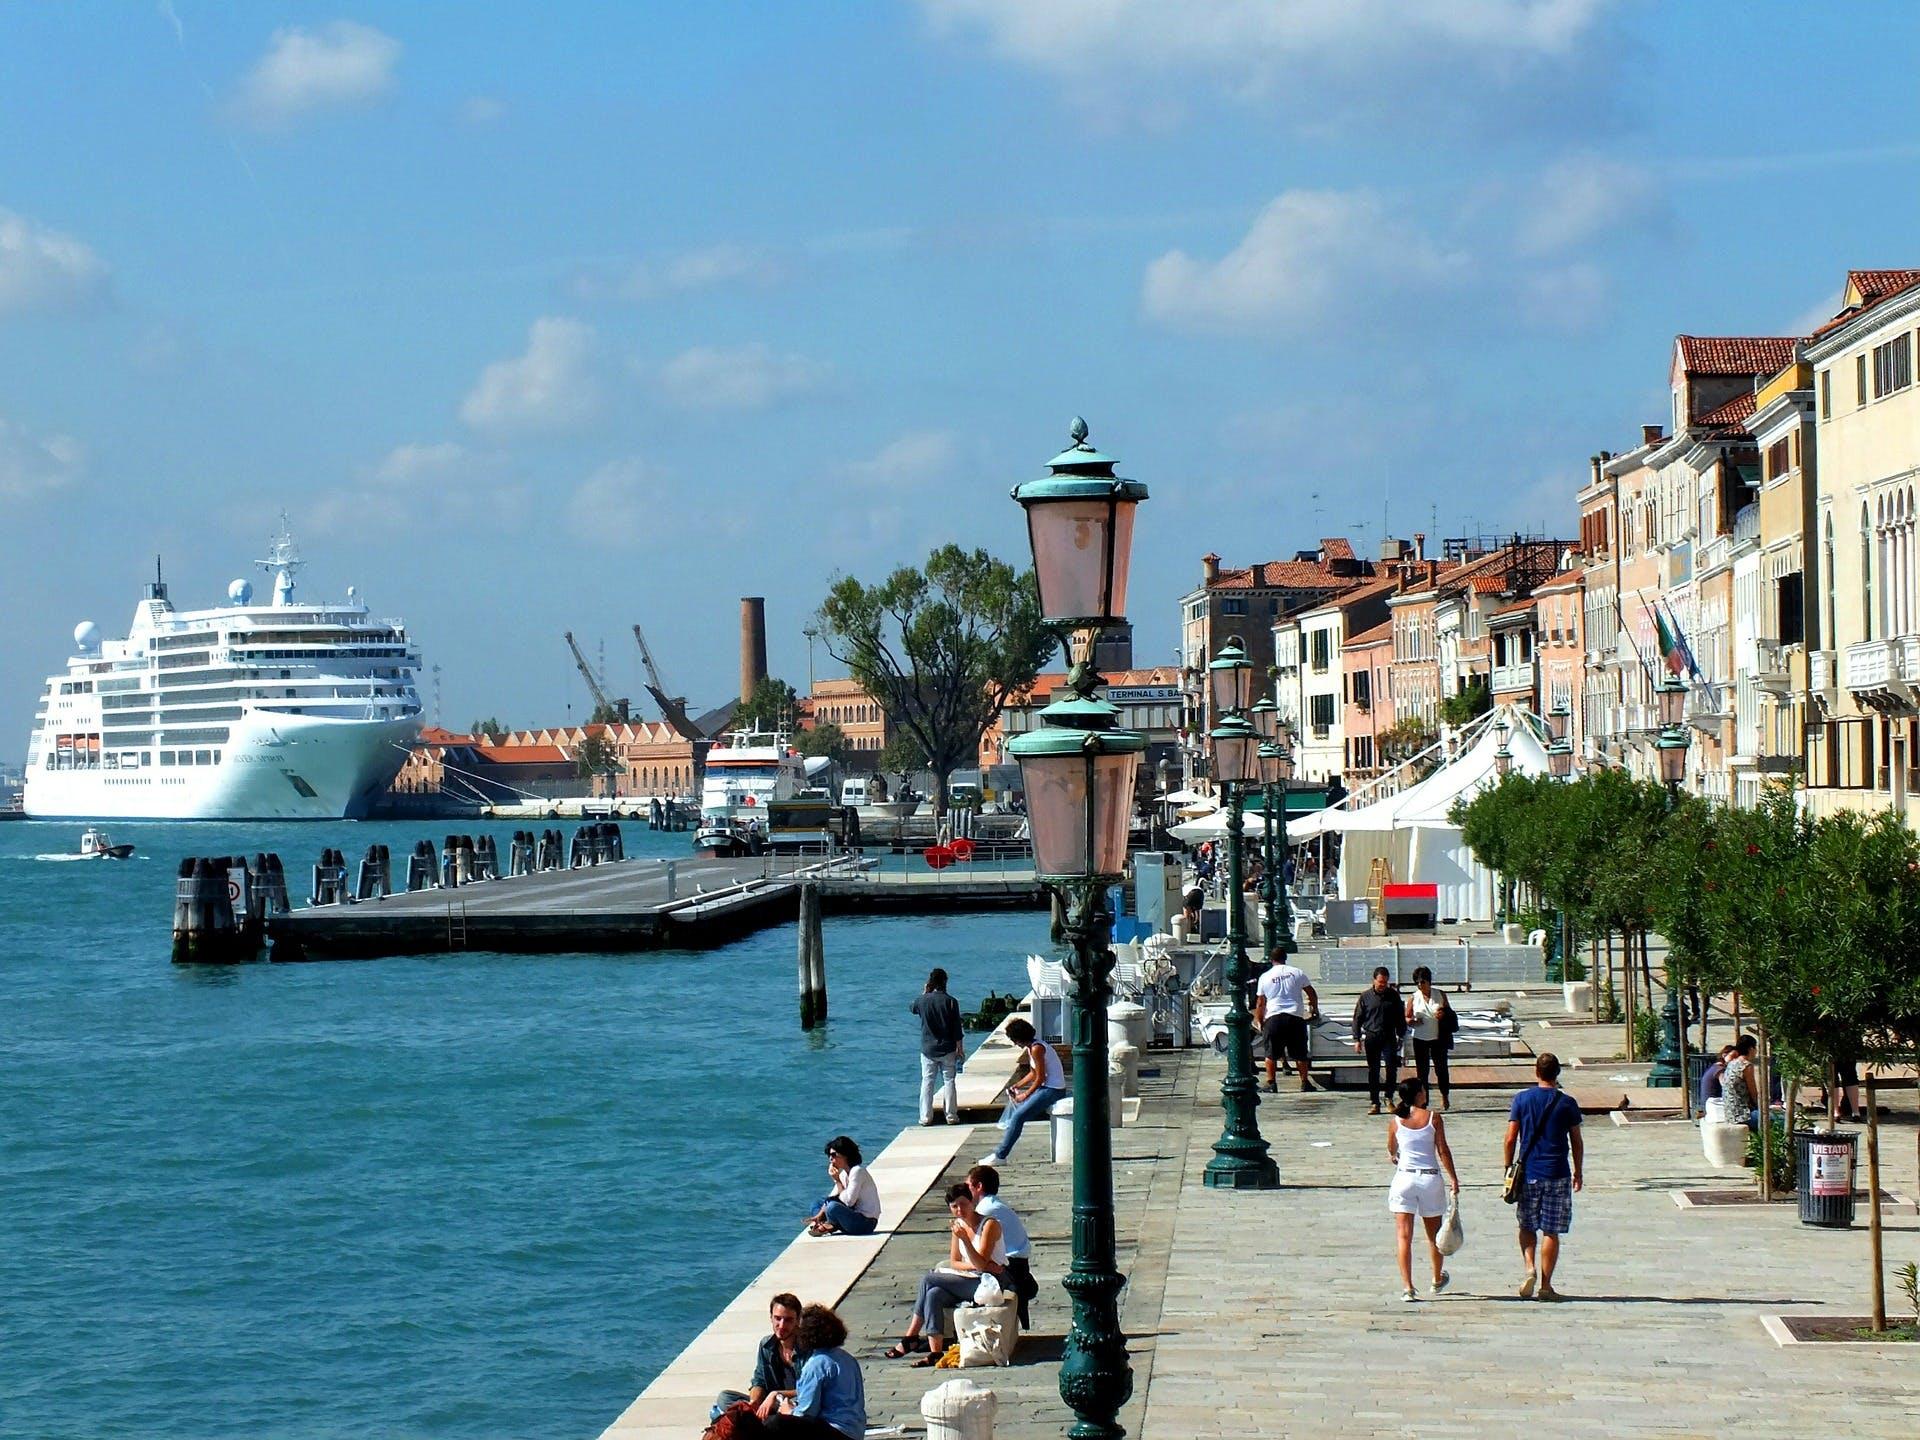 fotografia de um cruzeiro ancorado em um porto na Itália